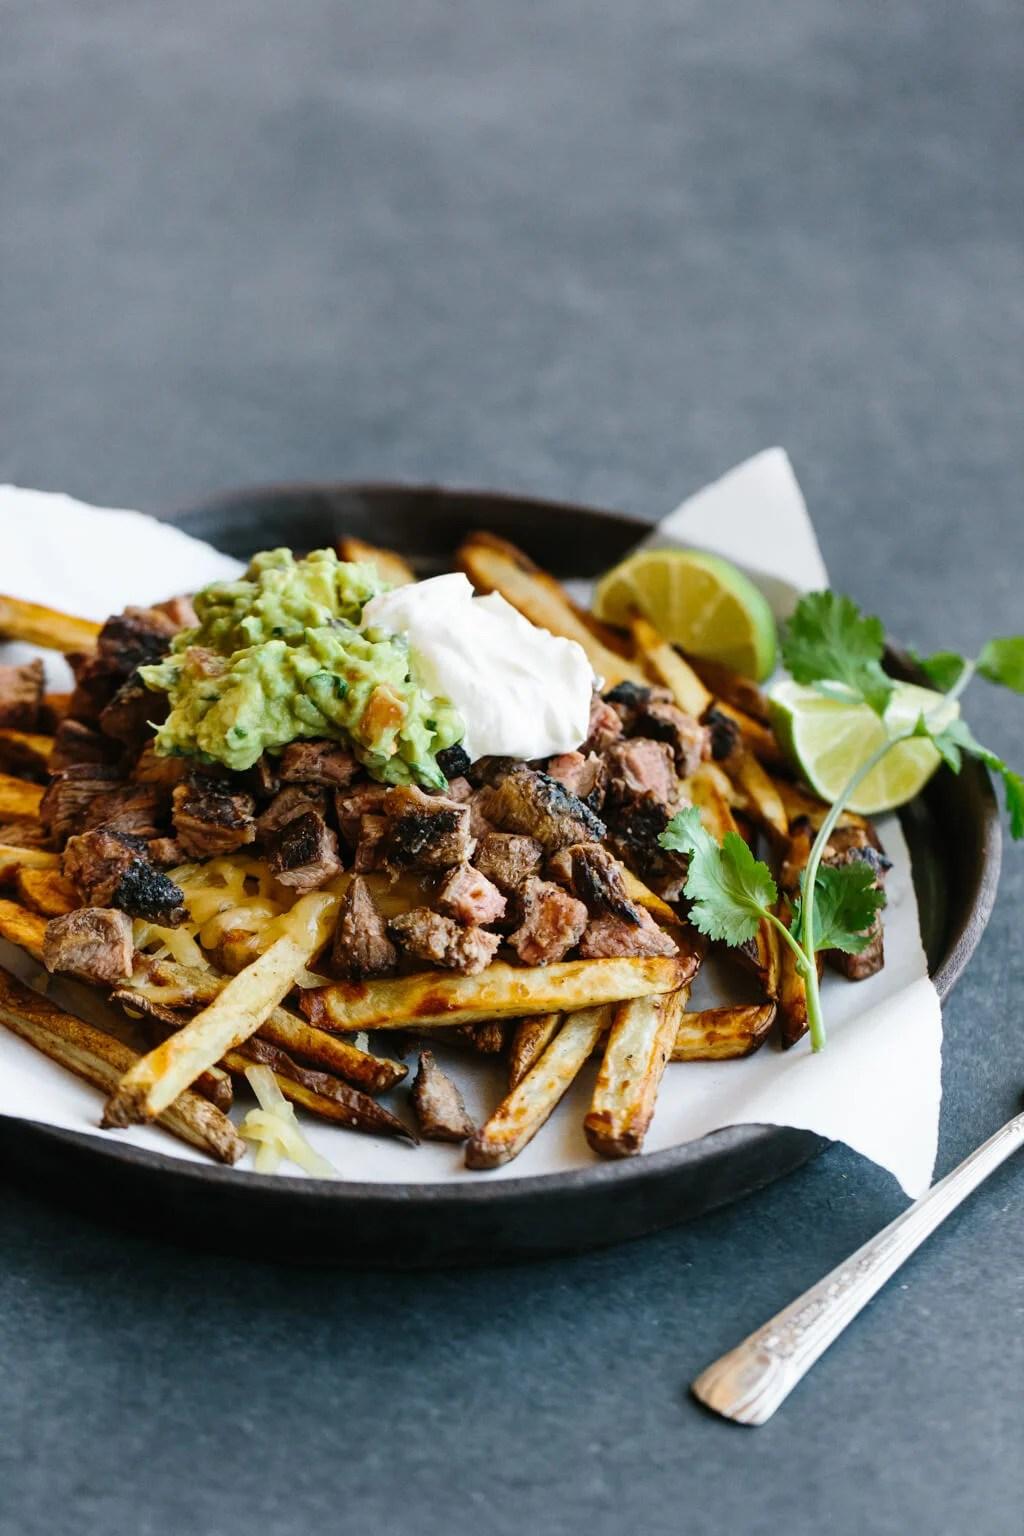 Carne asada fries on a plate.